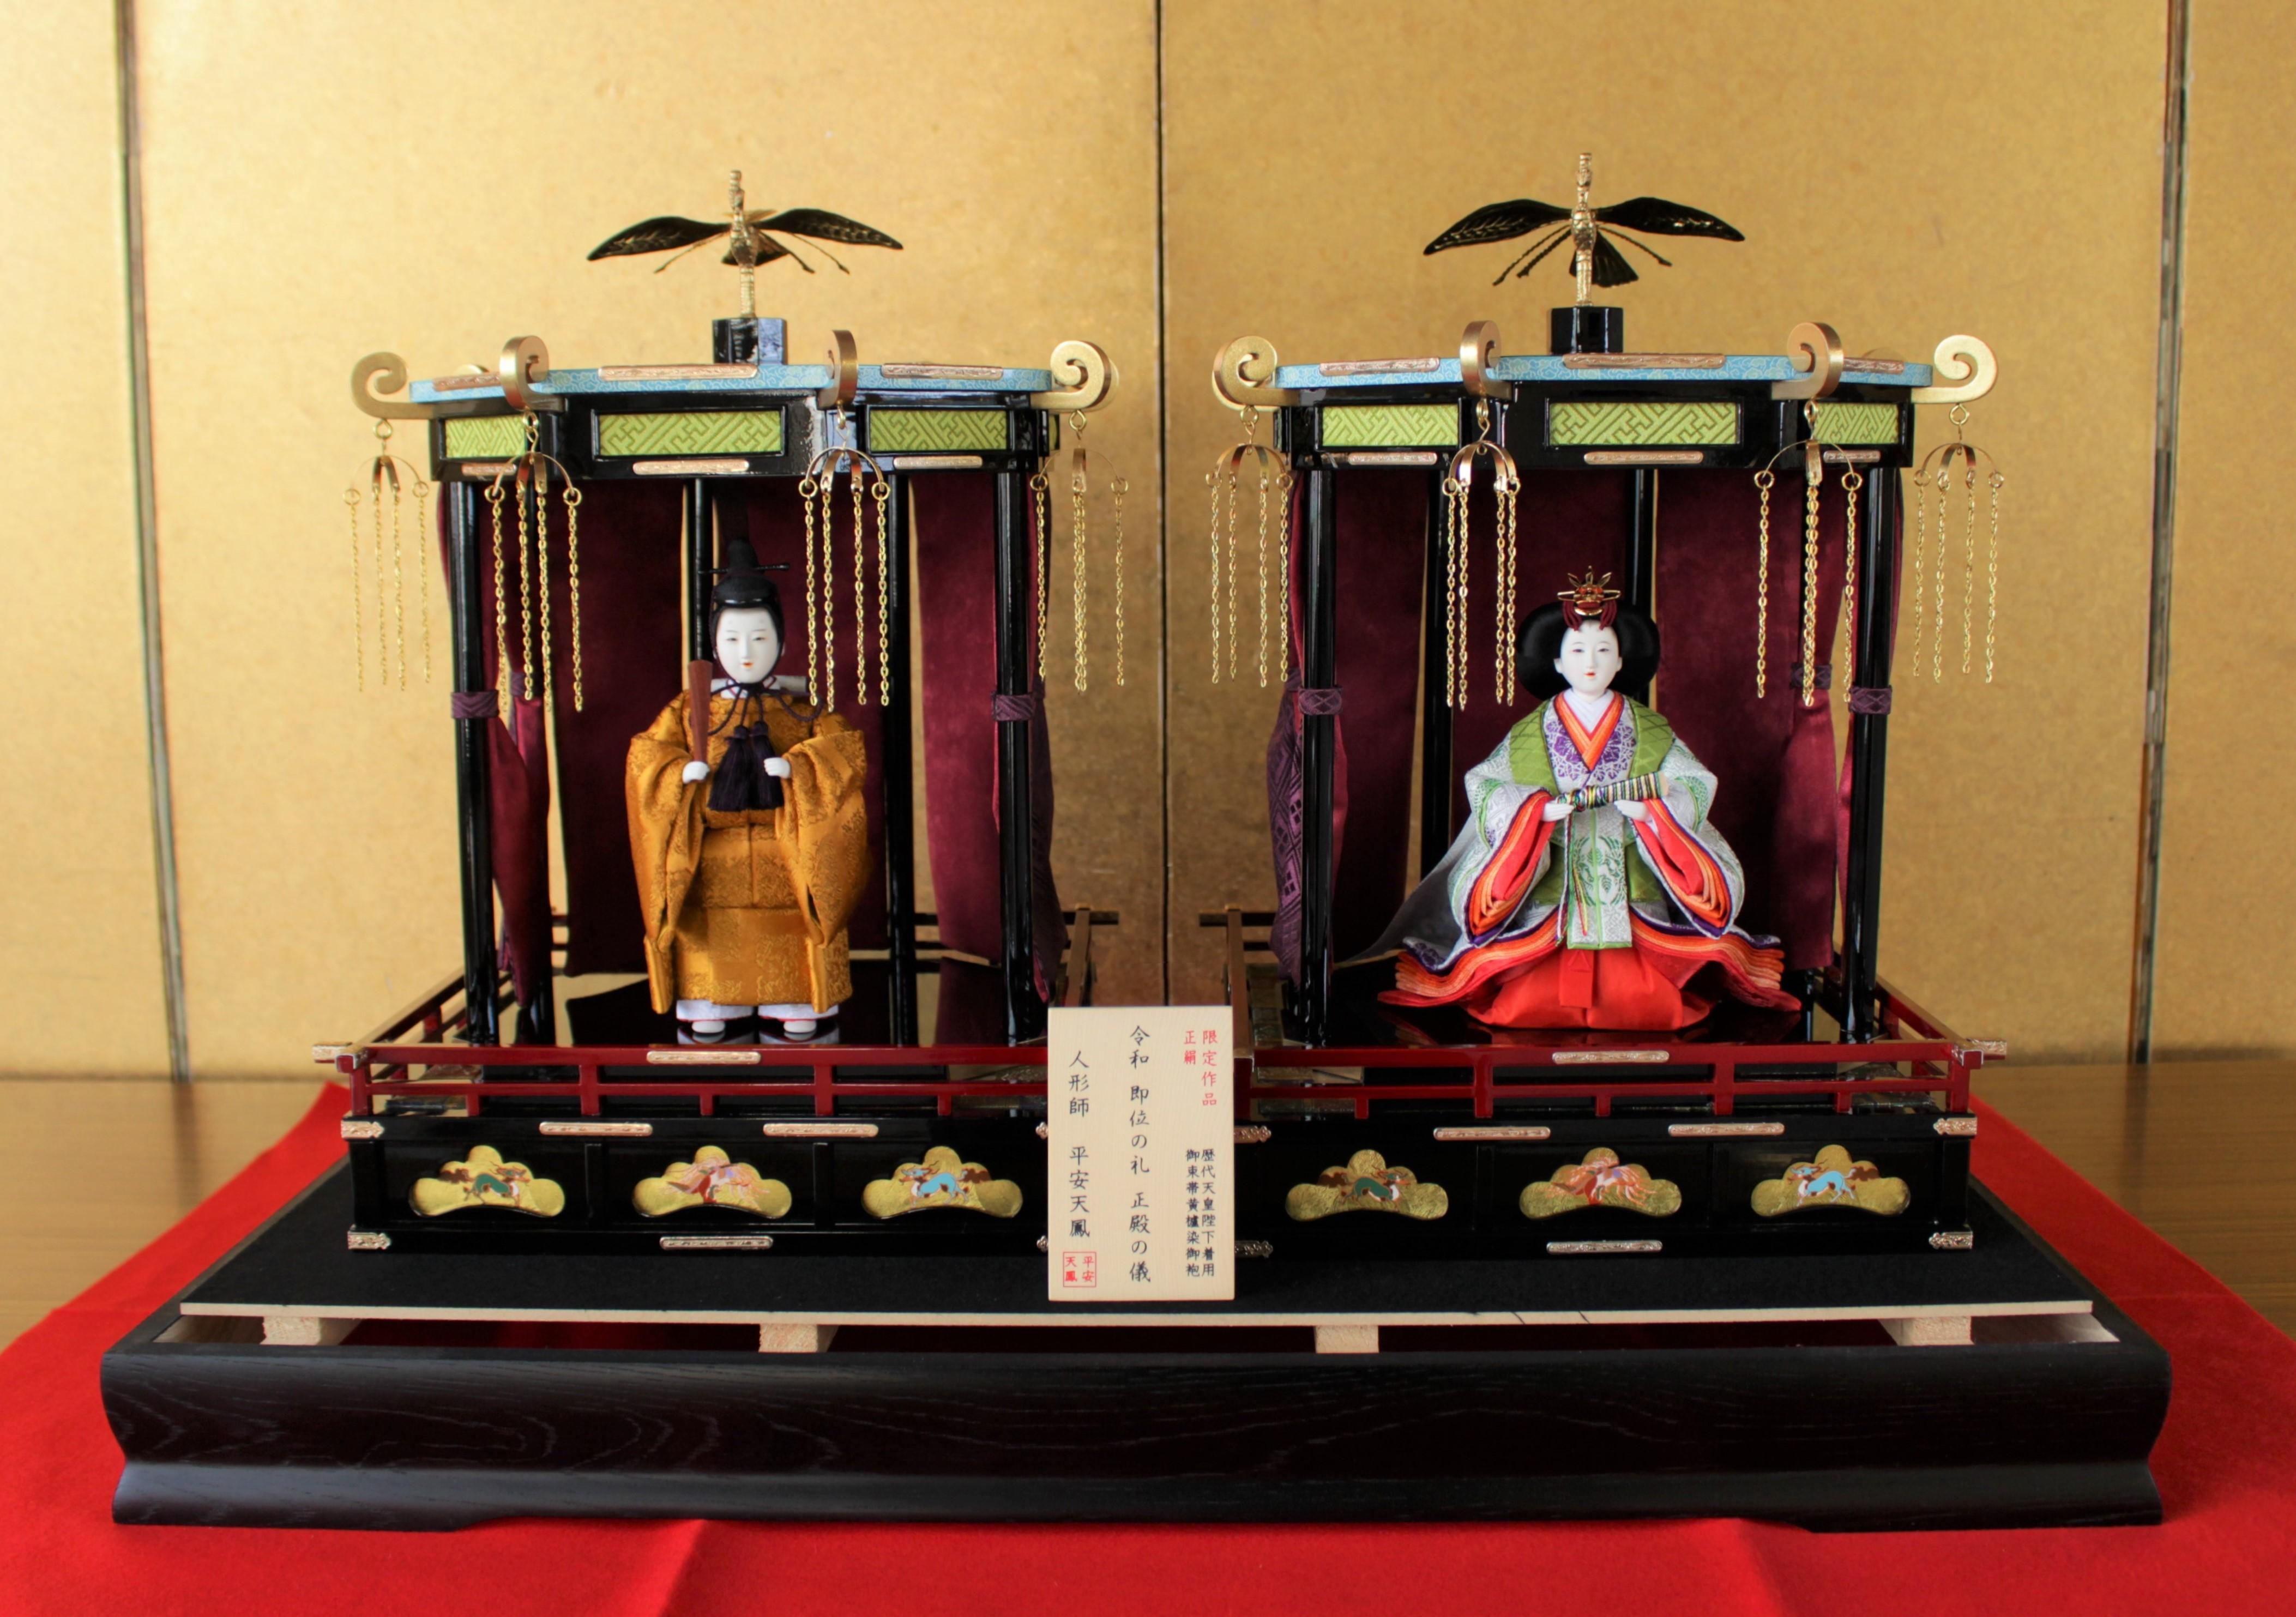 天皇陛下御即位記念雛人形の展示